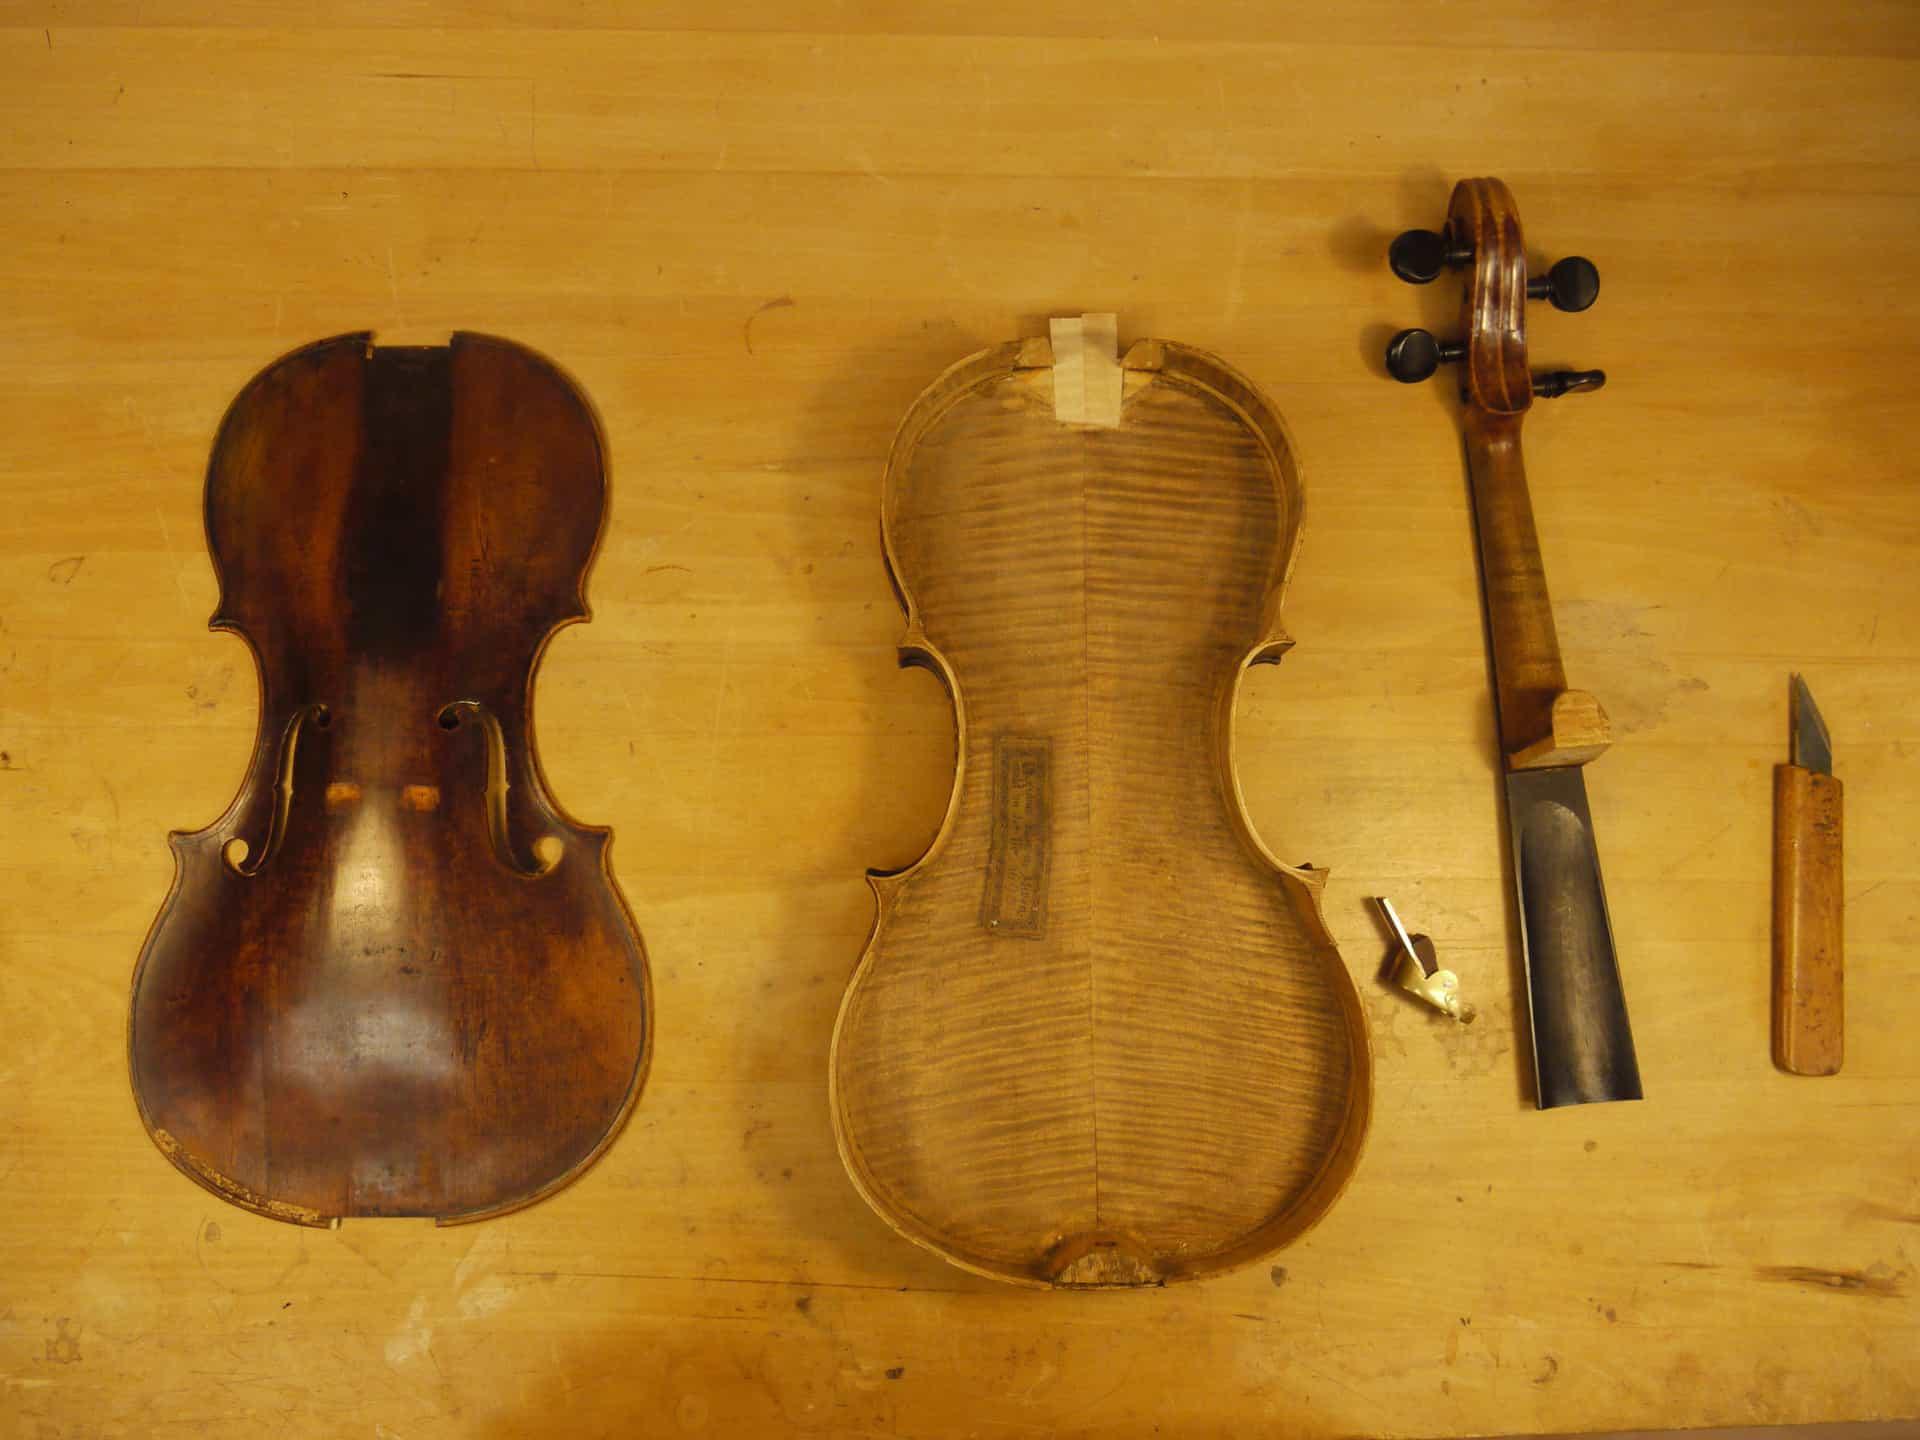 A violin restoration